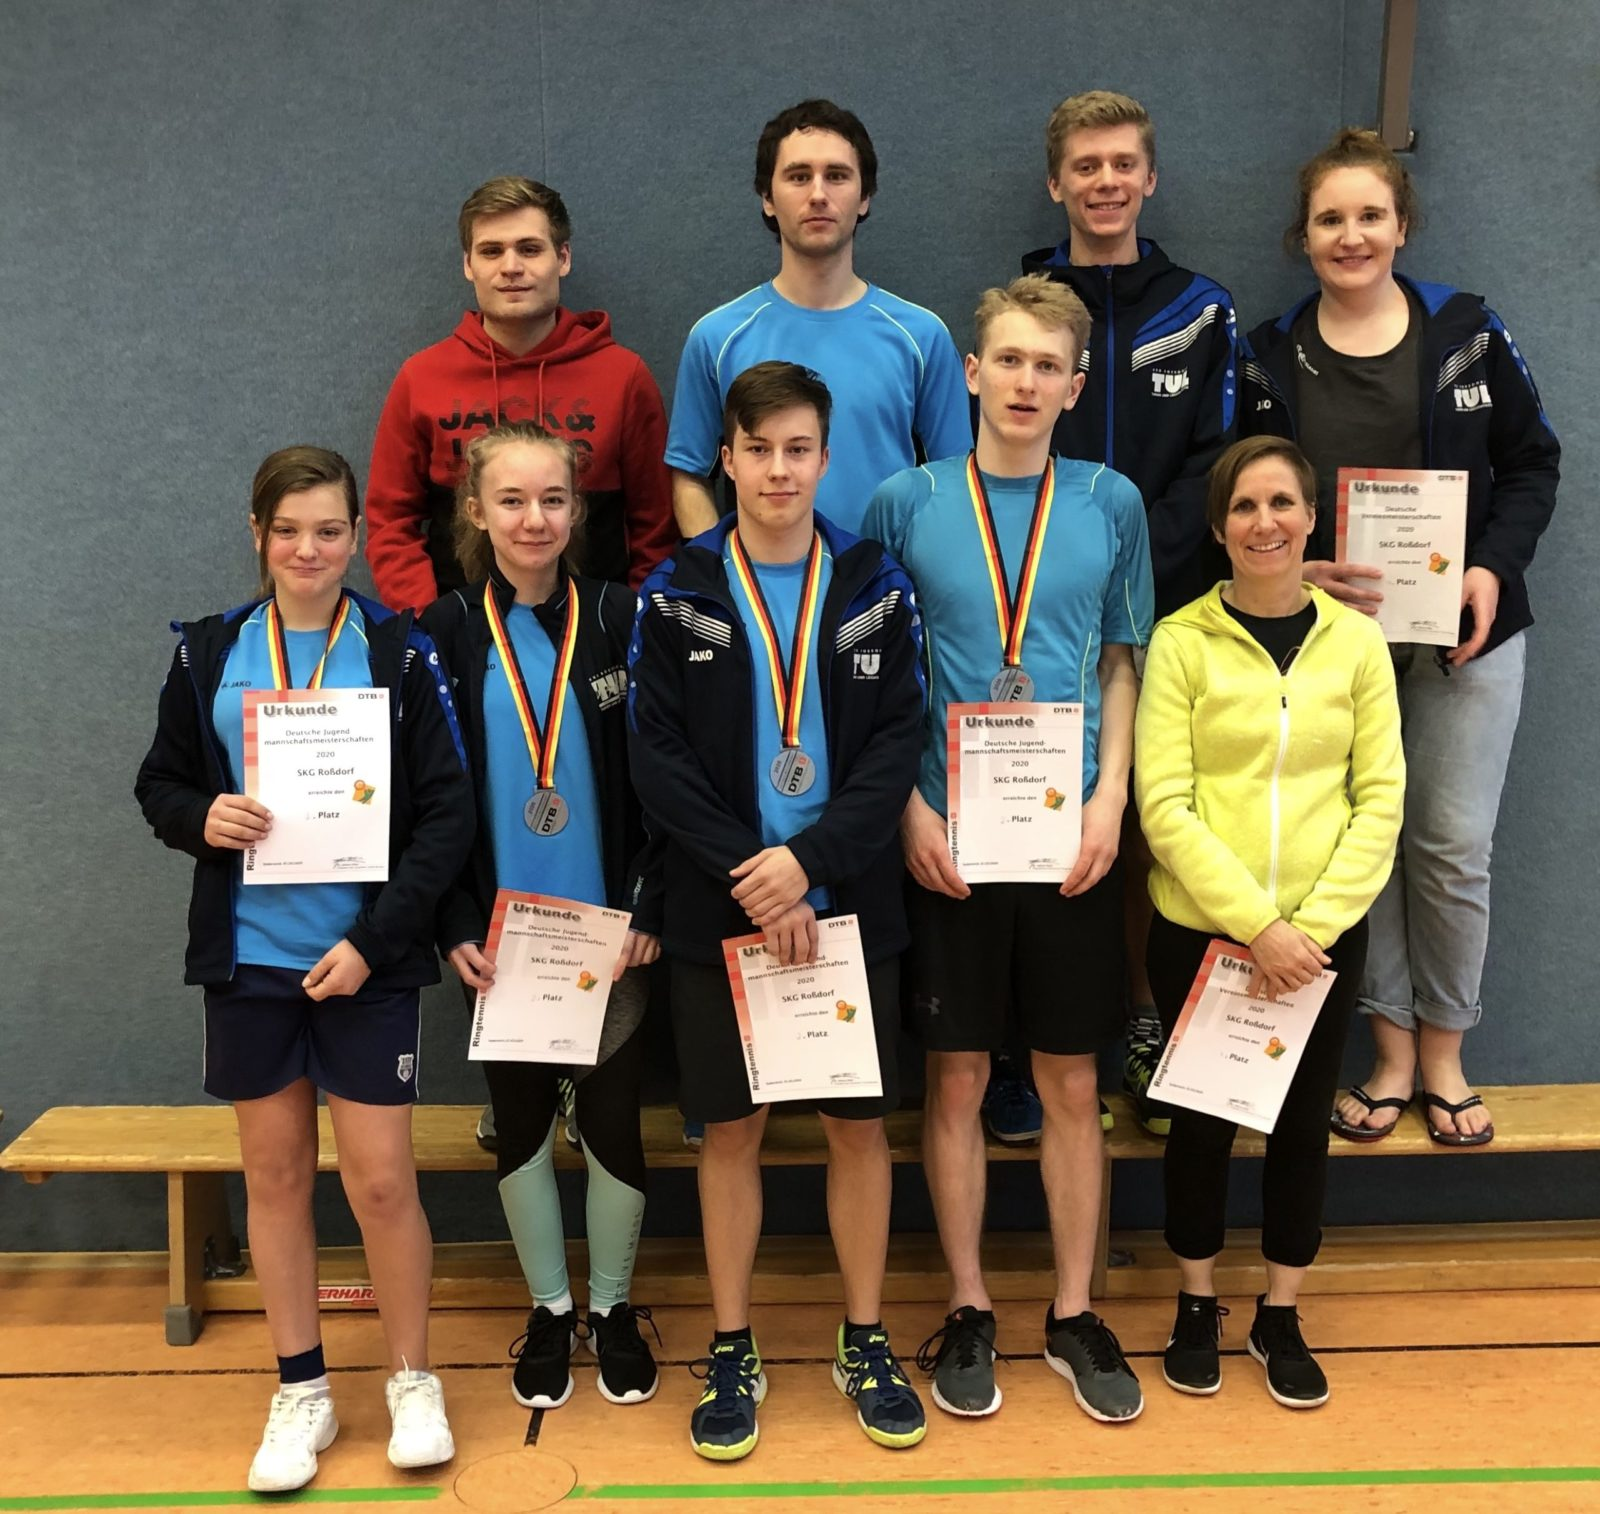 Deutsche Mannschafts- und Jugendmannschaftsmeisterschaften 2020